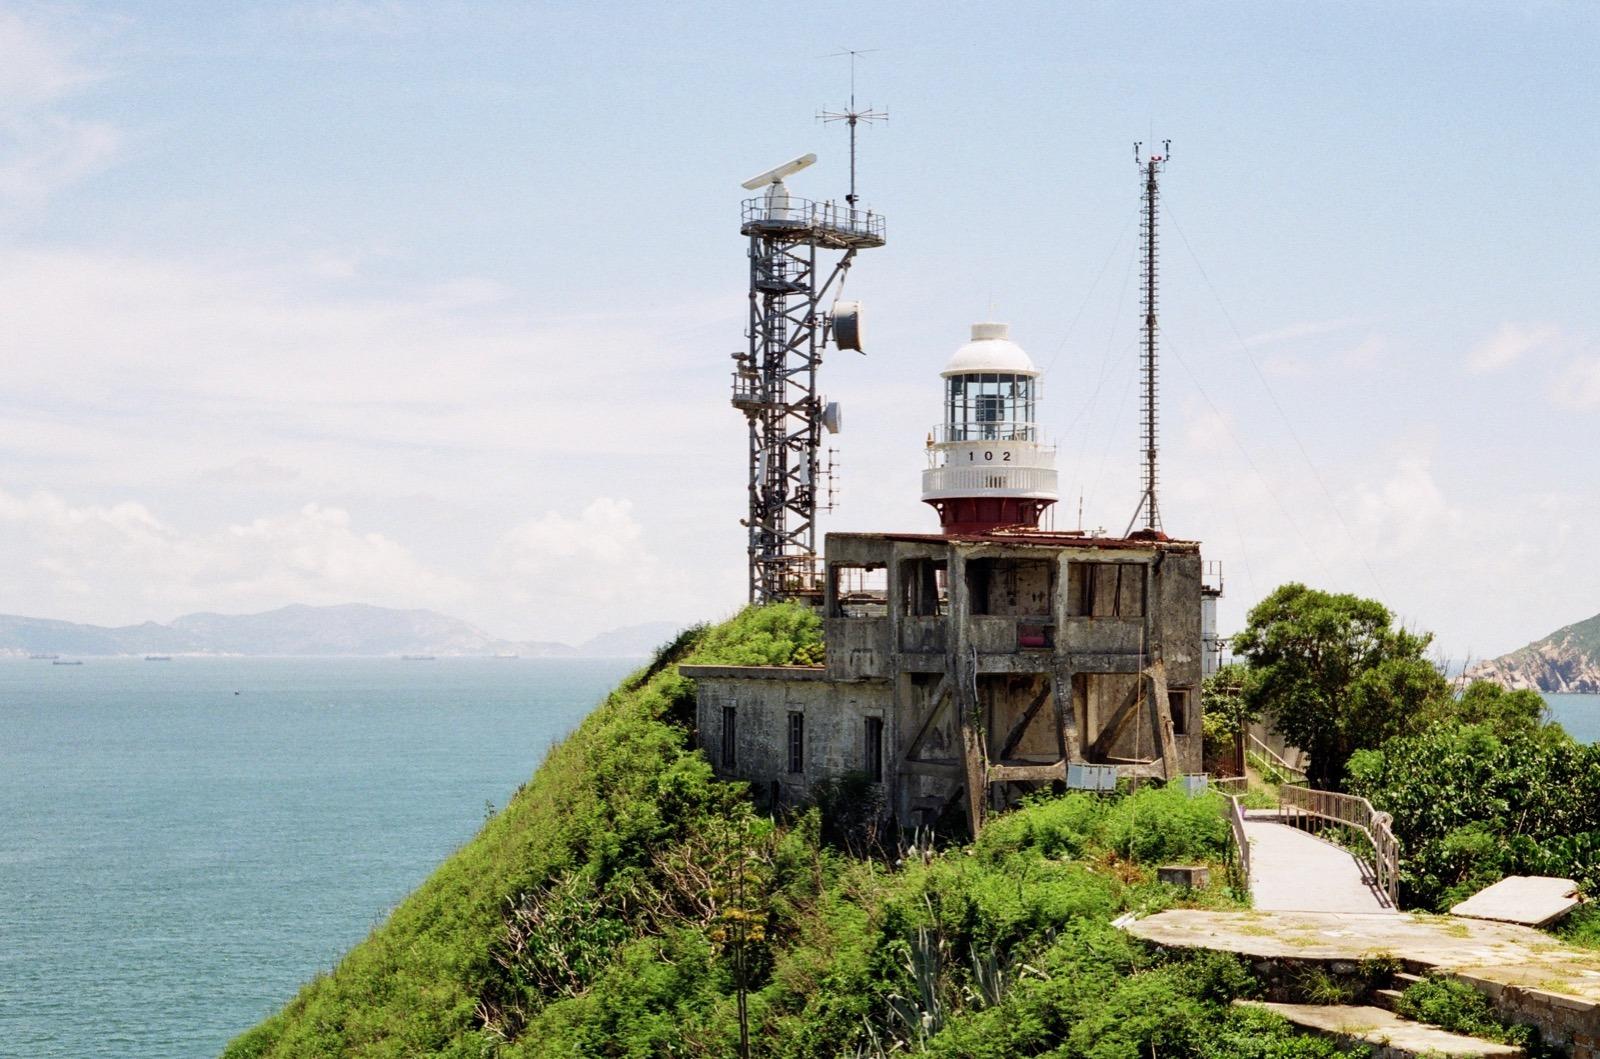 相比北島,南島有燈塔及建築群,也有不少植披。